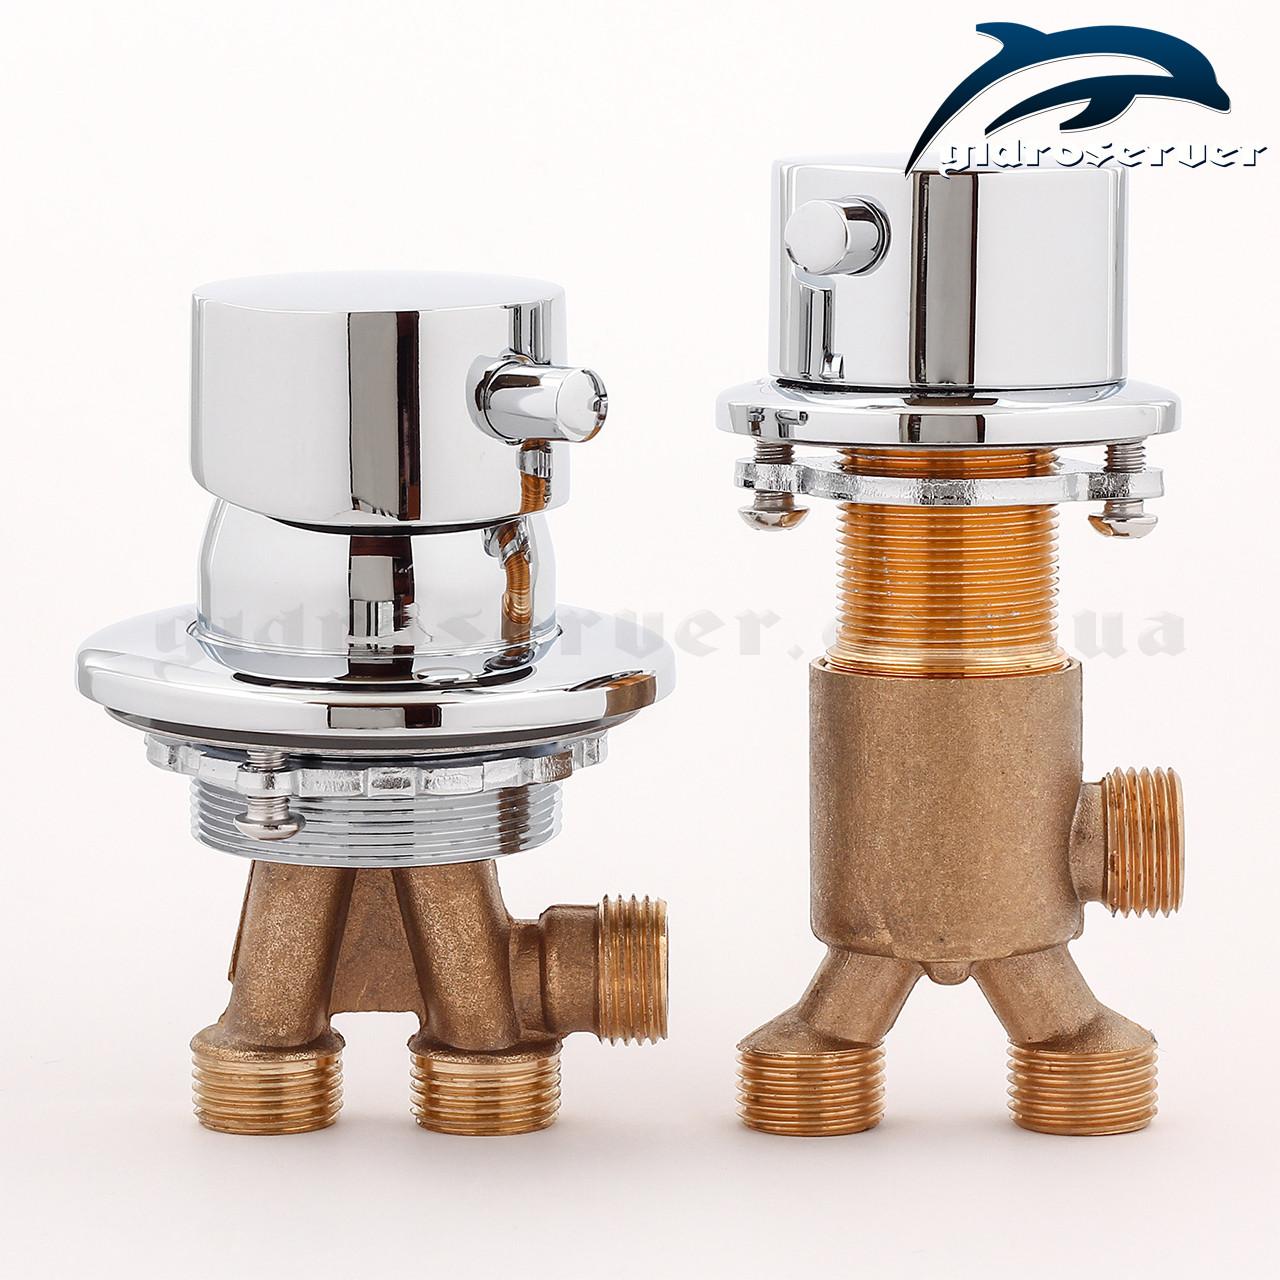 Набір кранів для гідромасажної ванни, джакузі J-7045 з перемикач на 2 положення.